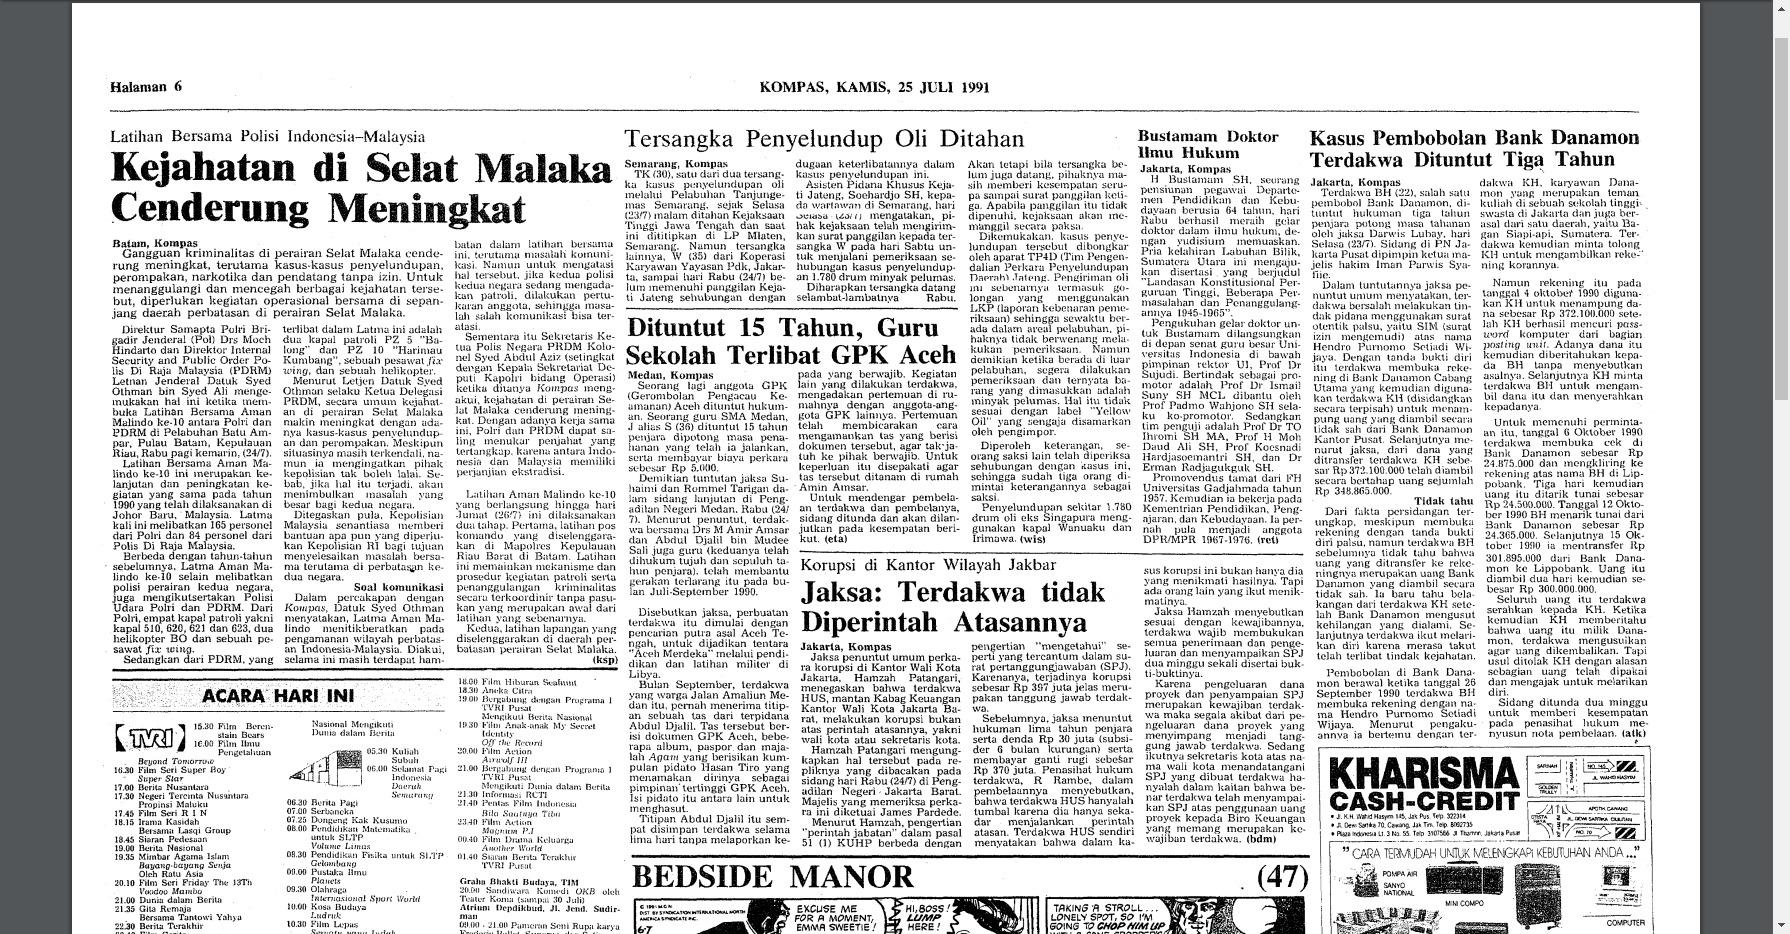 AmanMalindo1991